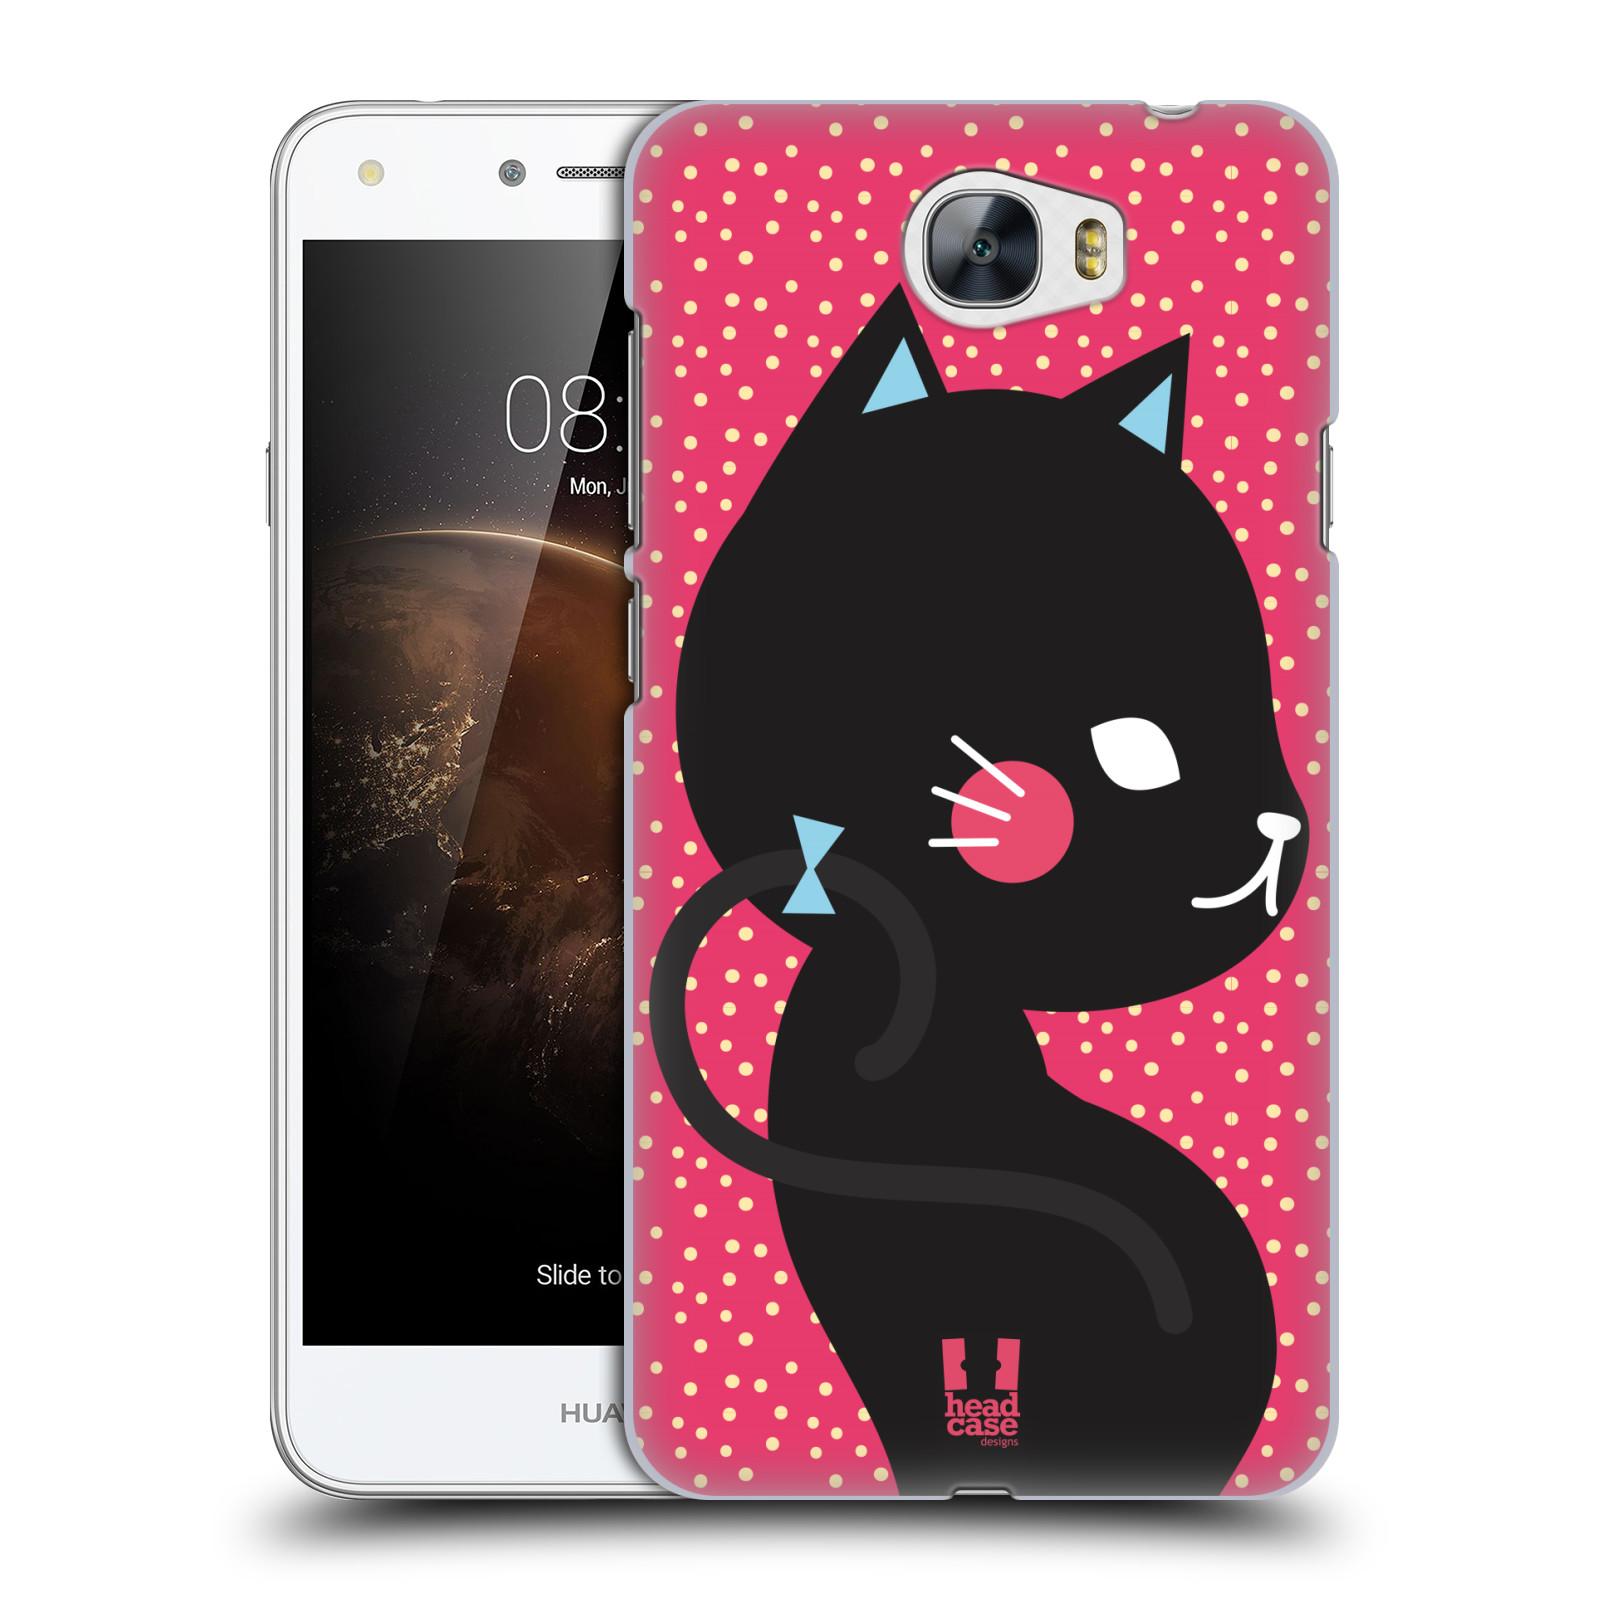 Plastové pouzdro na mobil Huawei Y5 II HEAD CASE KOČIČKA Černá NA RŮŽOVÉ